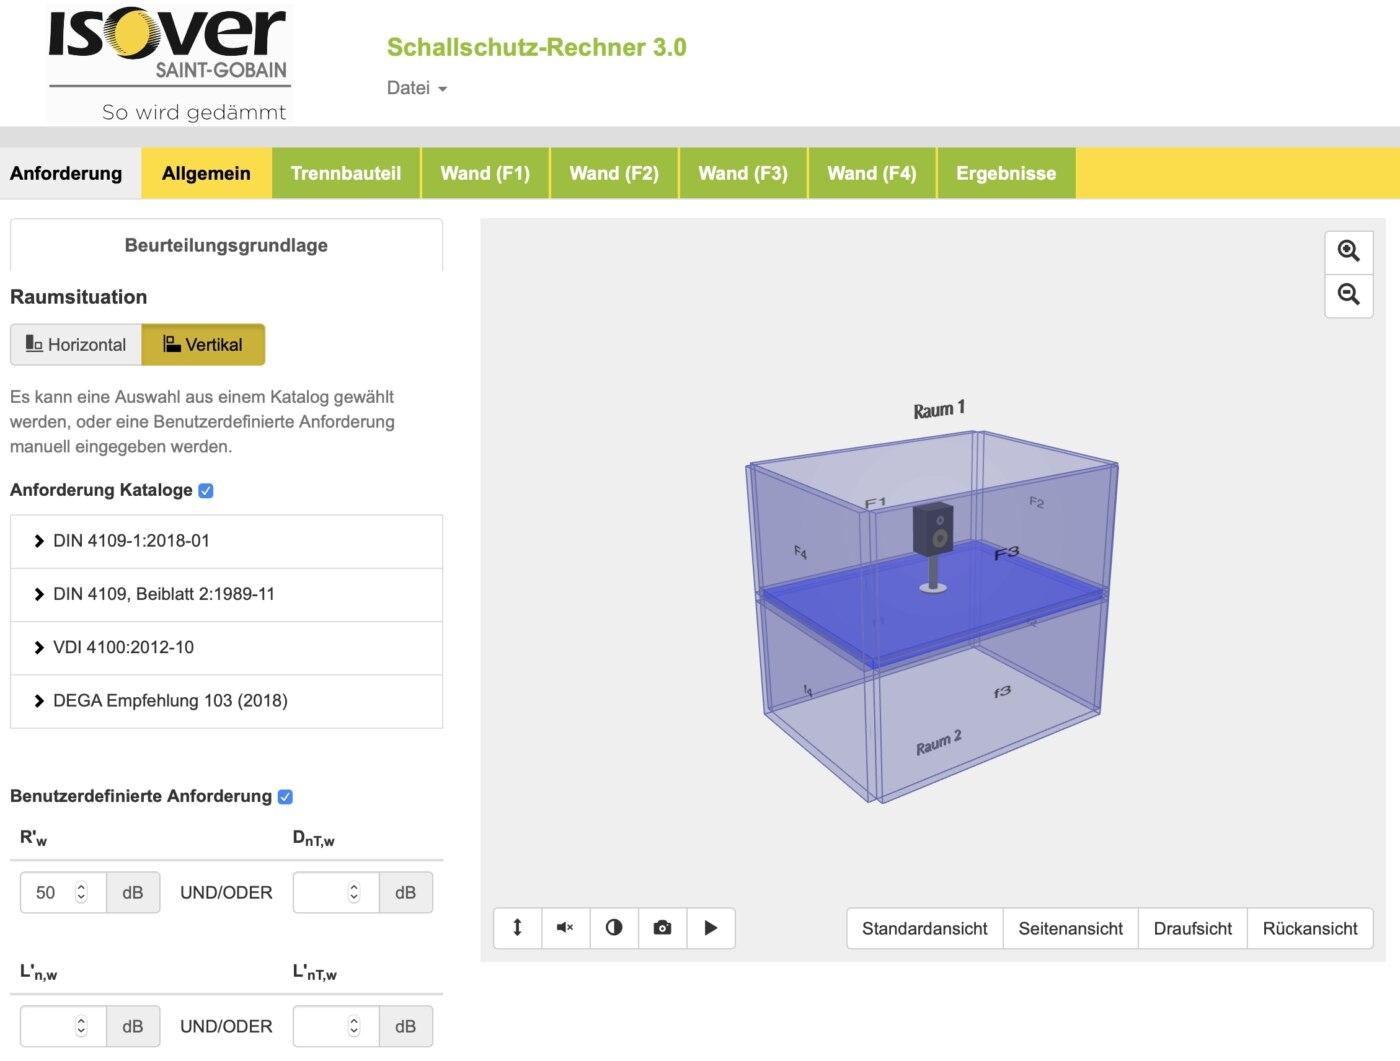 isover_schallschutz-rechner-2